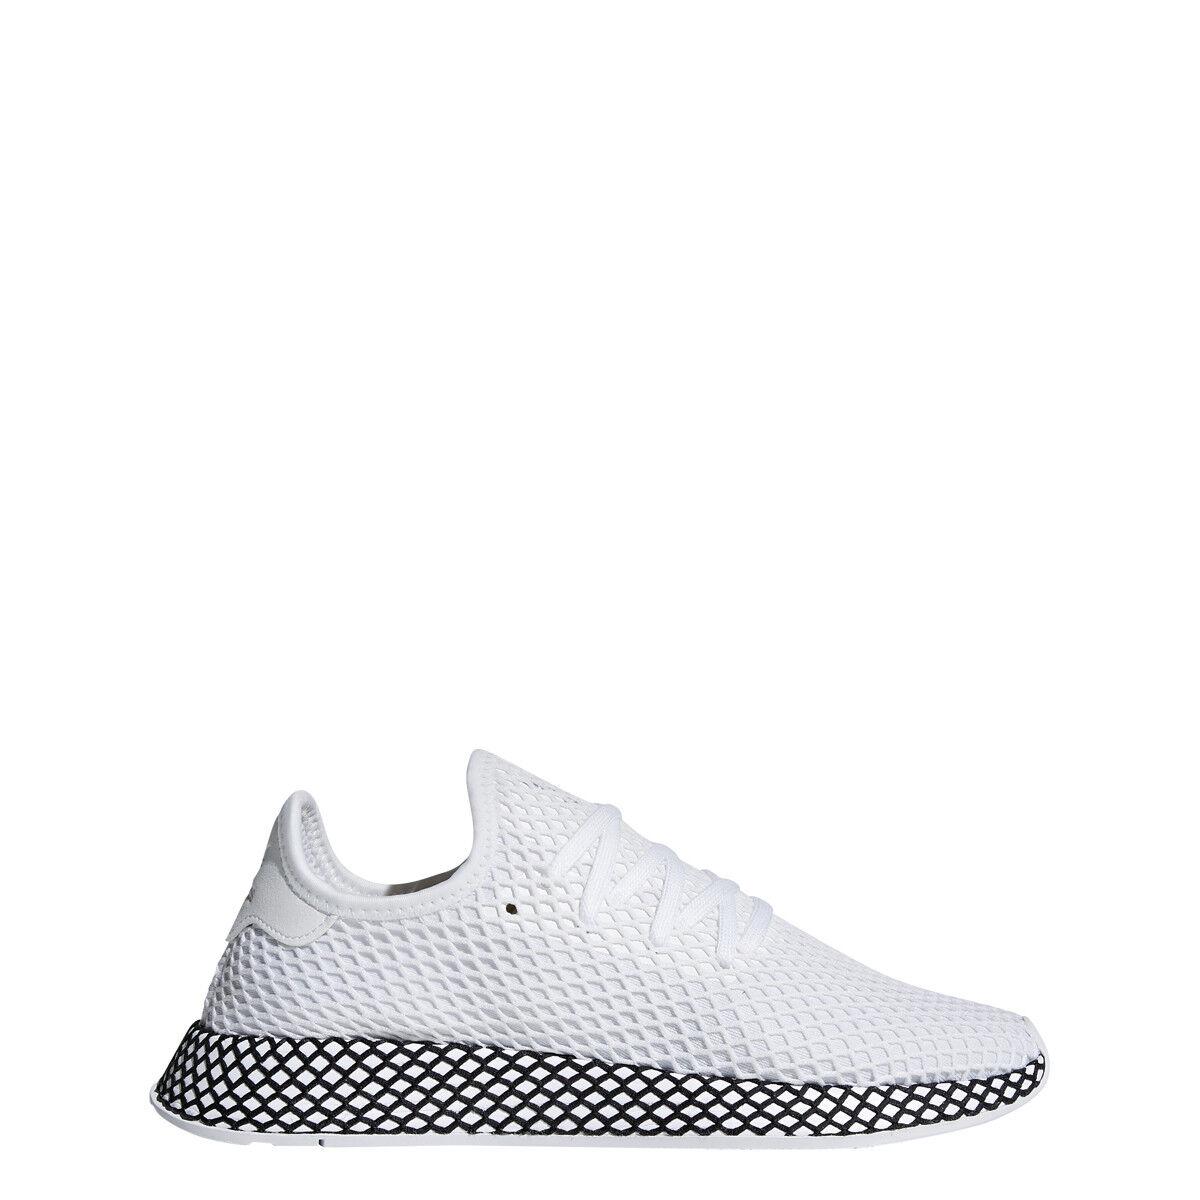 Adidas Uomo DEERUPT RUNNER White/White/Nero - B41767